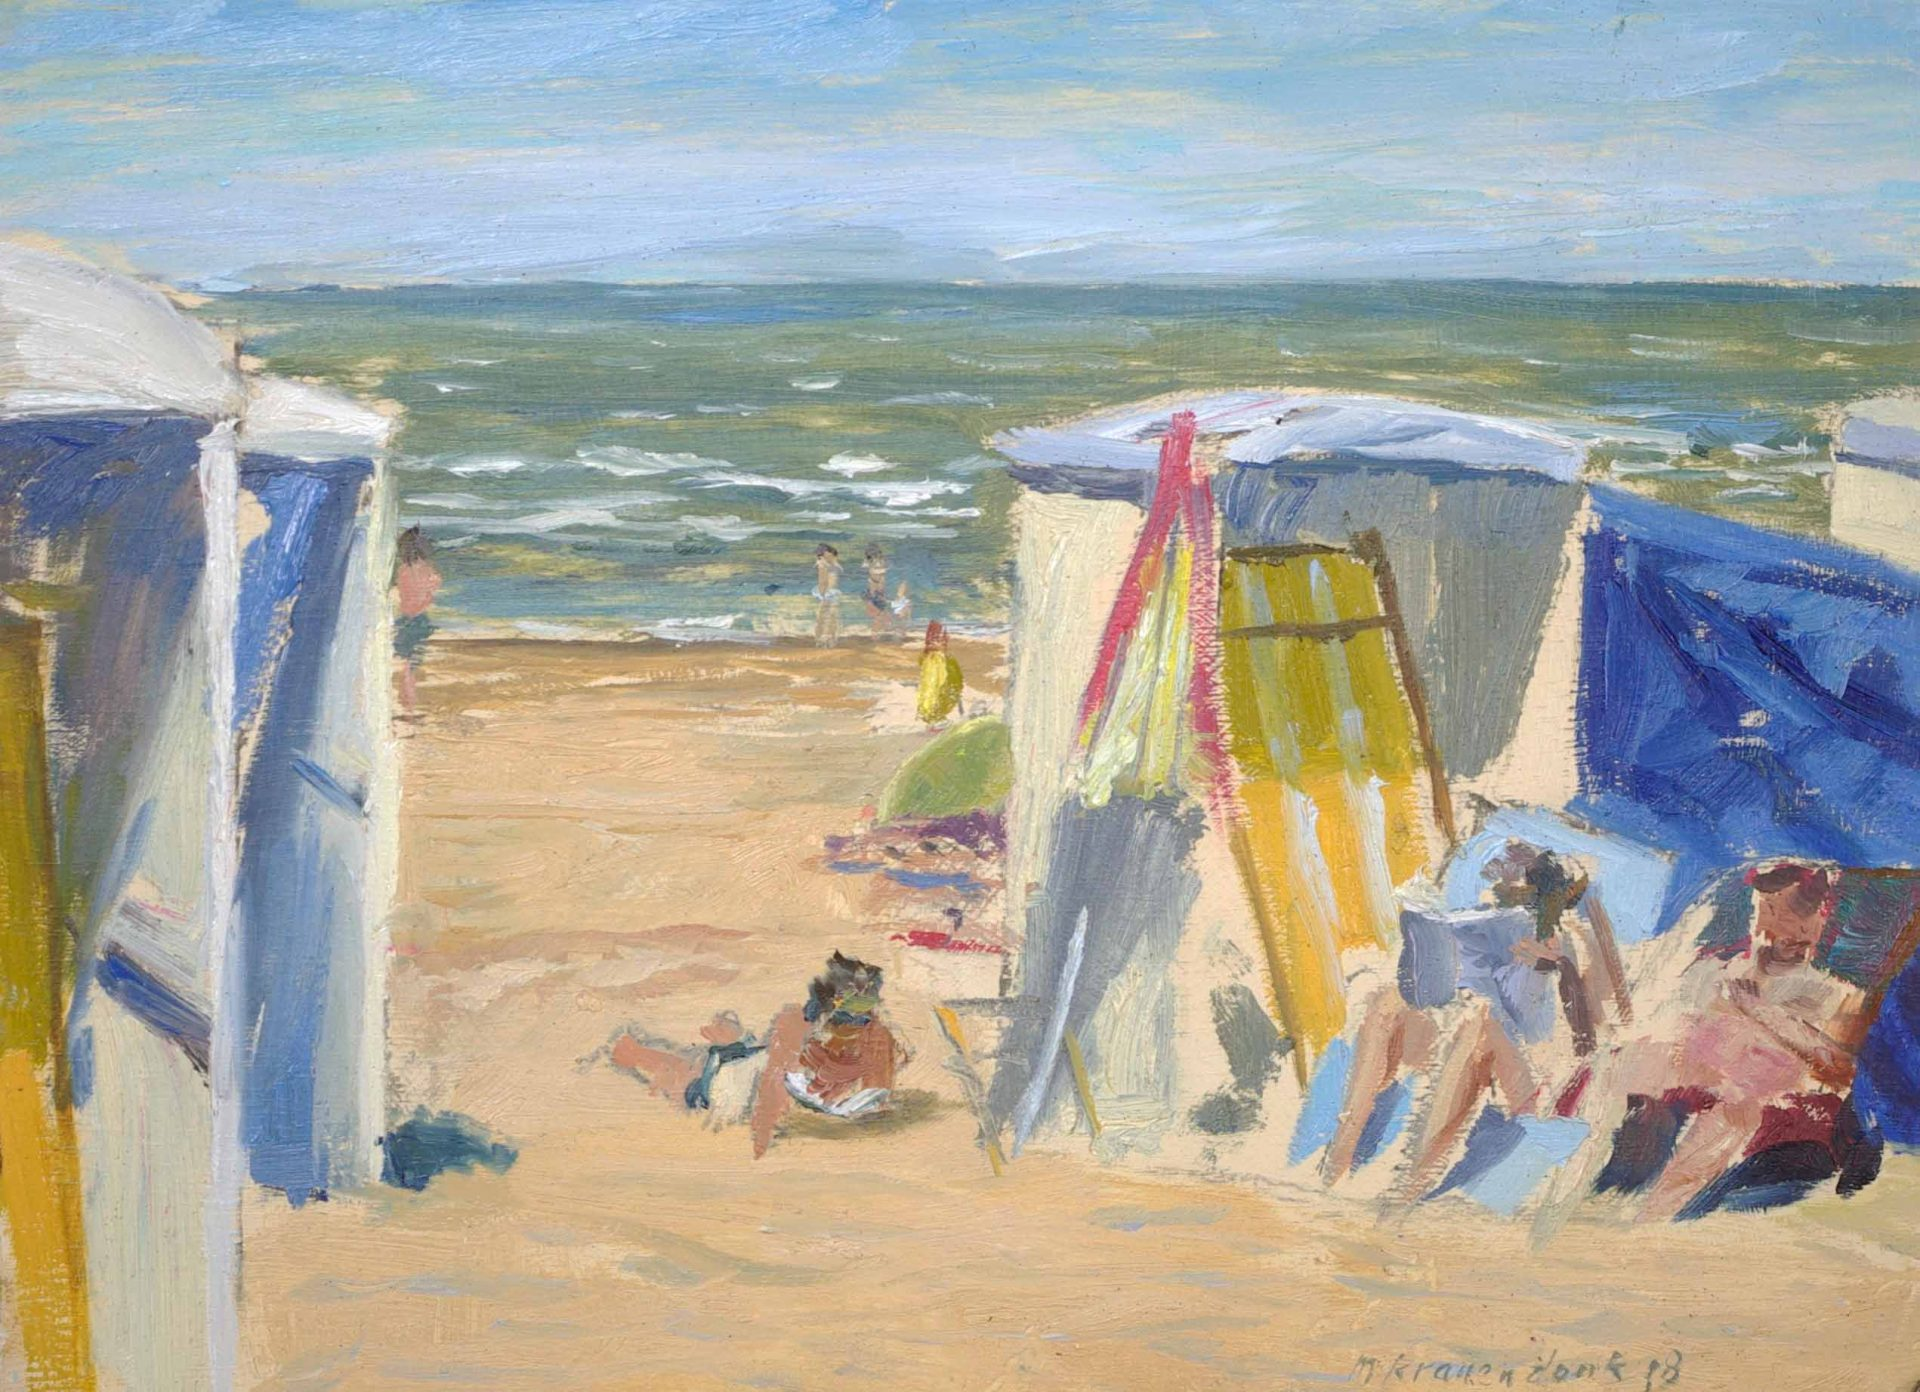 Olieverf schilderij Badgasten lezend in strandstoel op zonnig strand Katwijk. Hollands strandgezicht realistisch